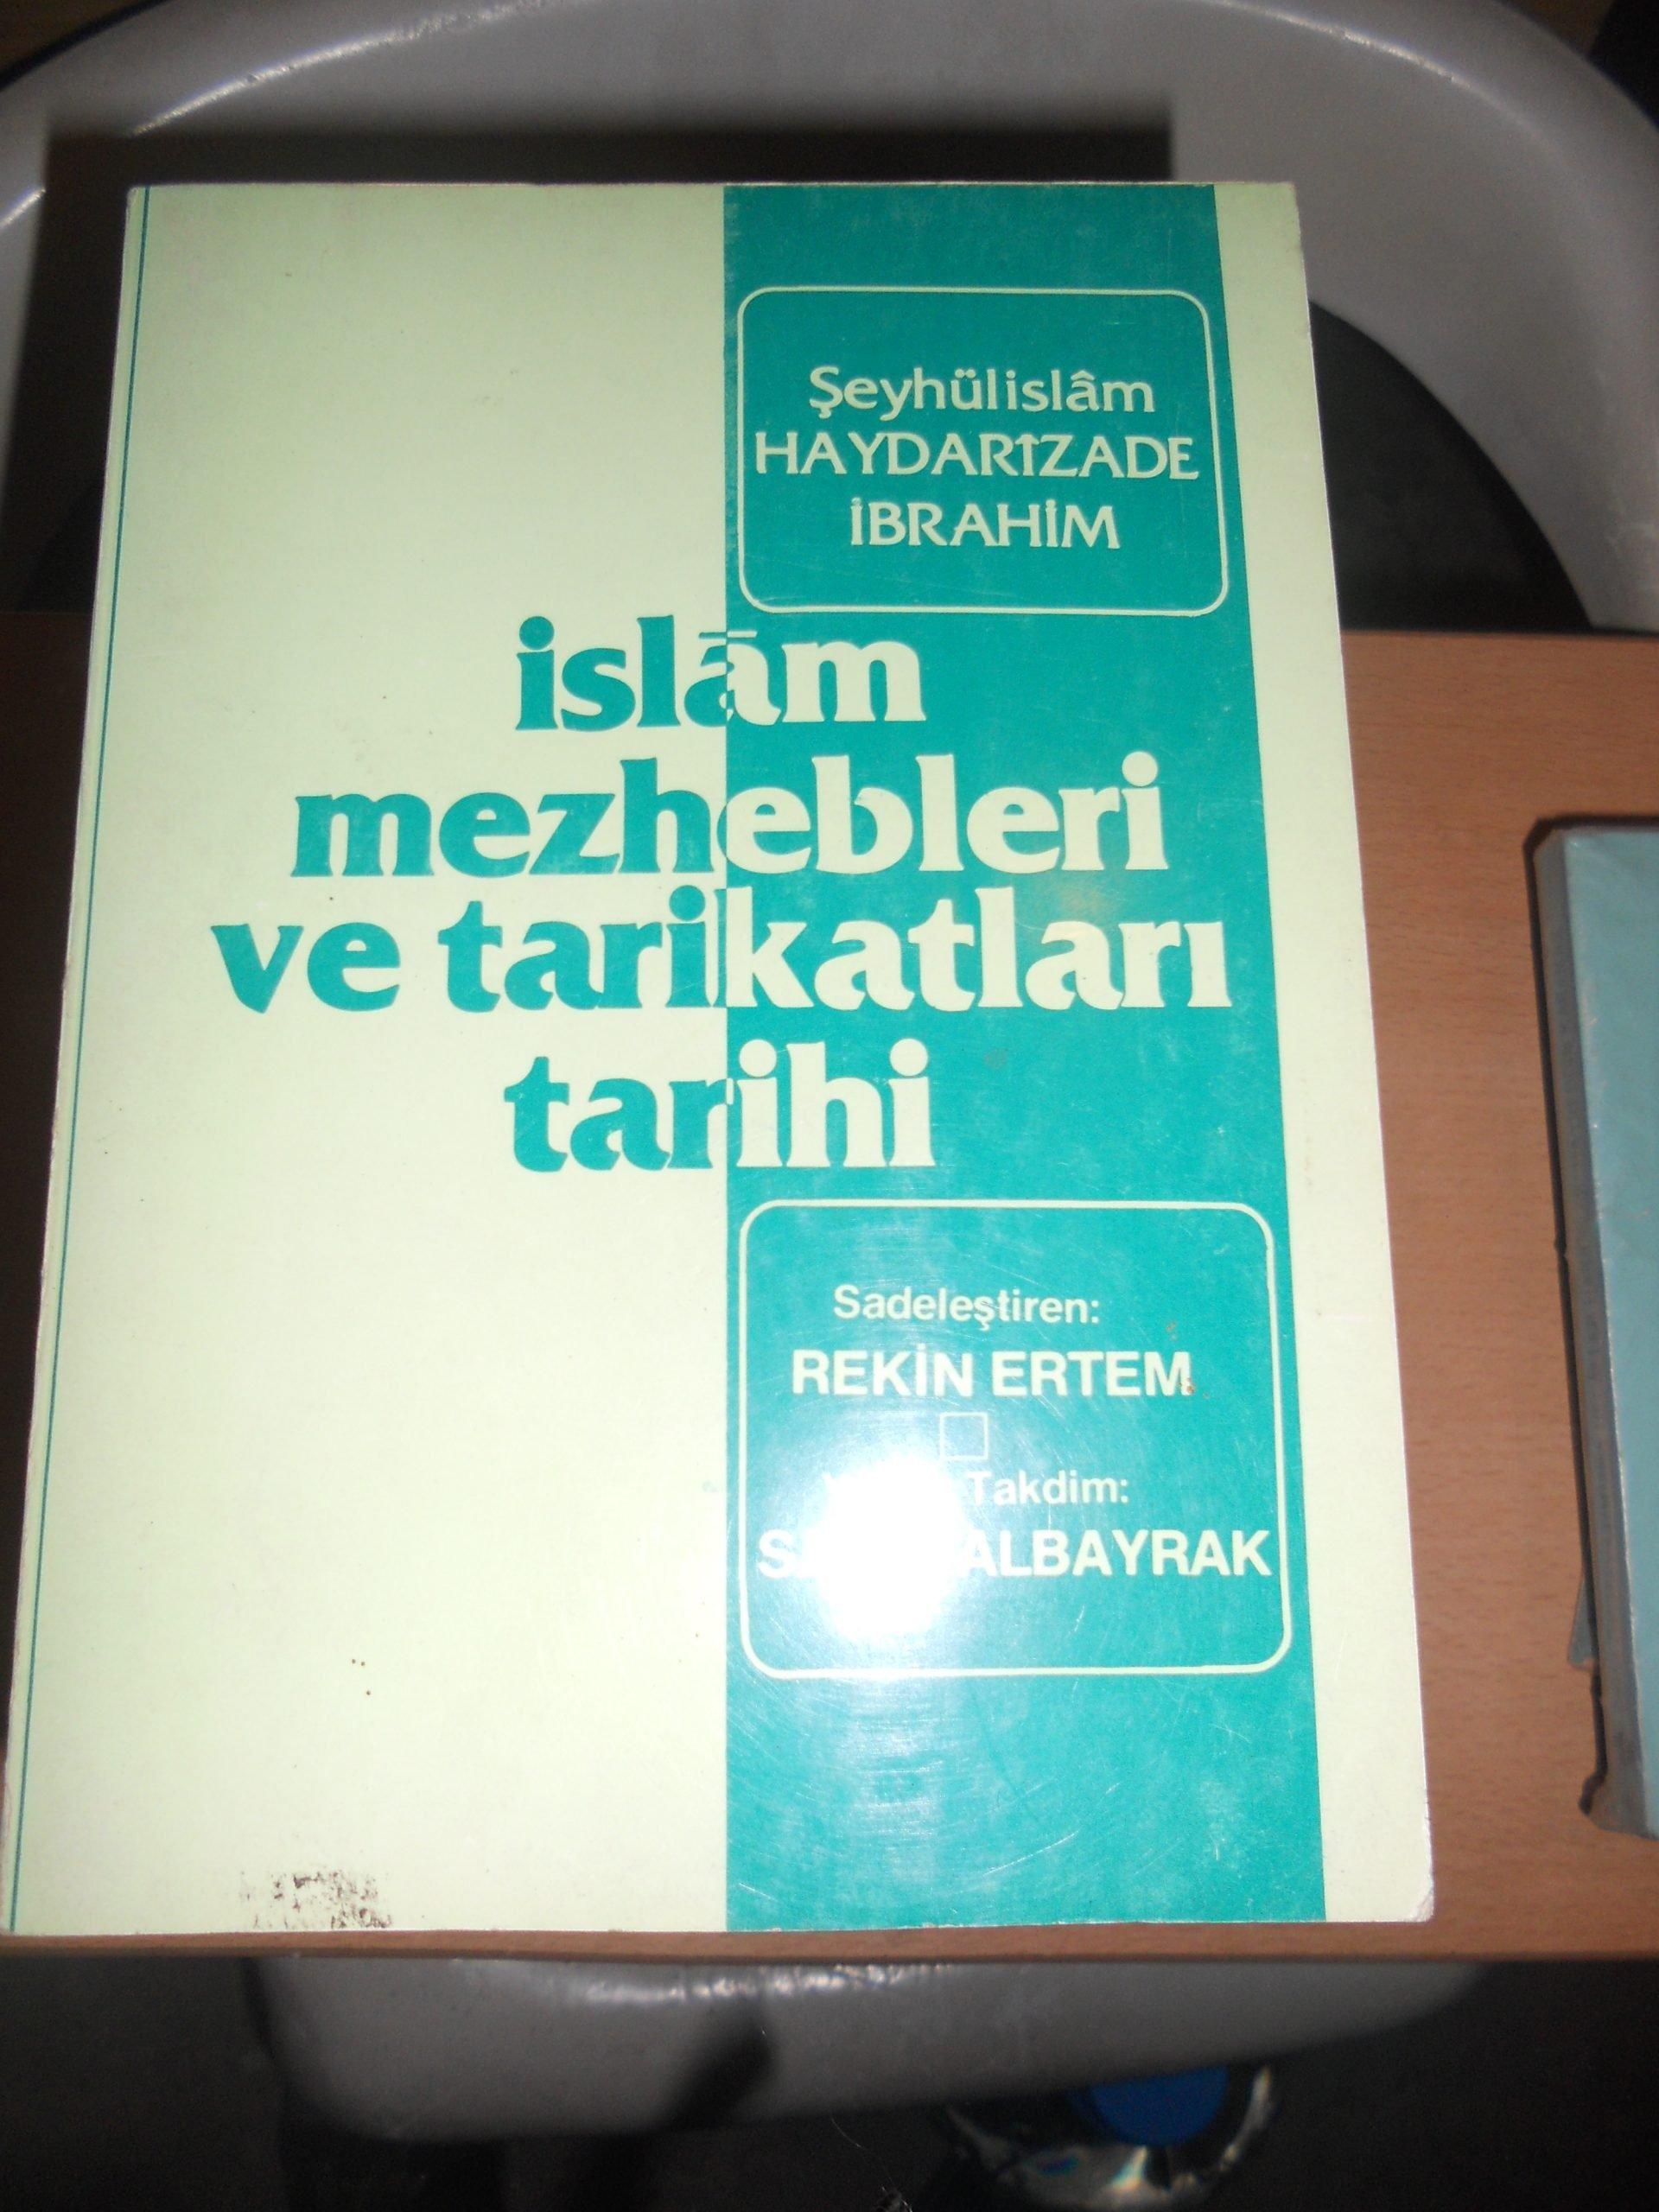 İslam mezhepleri ve tarikatları tarihi/Şeyhülislam Haydarizade İbrahim/ 30 tl